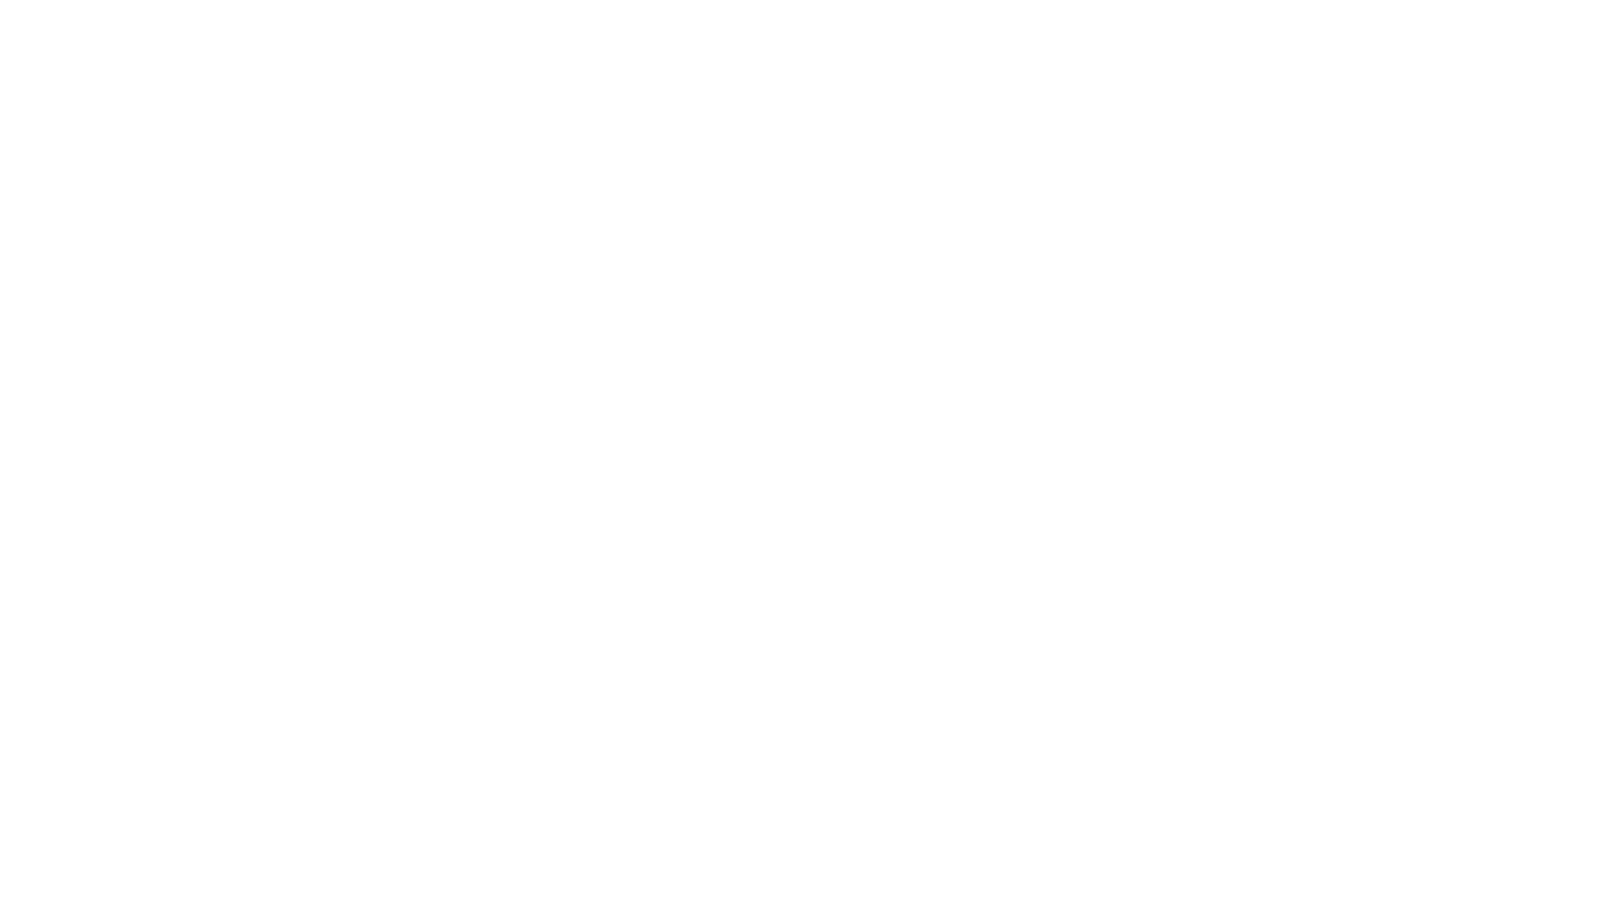 Un video un po' diverso dal solito per avere una panoramica delle cose da tenere in considerazione nella scelta del primo strumento astronomico.  Un libro per iniziare: https://amzn.to/30f7lRY Un atlante per iniziare: https://amzn.to/3sUuqpb Consigli di lettura: https://amzn.to/2VeenTV Le mie recensioni: https://bit.ly/3kbzXTr  Versione scritta del video: https://bit.ly/3c5OEpf  /**PER SUPPORTARMI**/ -Puoi mettere like, commentare e condividere il video -Puoi iscriverti e attivare la campanella del canale -Puoi acquistare qualcosa dallo shop Amazon: https://amzn.to/2VeenTV -Wishlist (Amazon): https://amzn.to/33nXBFL  /**CONTATTI**/ Email: info@luca-nardi.it Sito web: https://www.luca-nardi.it Instagram: http://bit.ly/39YSMoT Twitter: http://bit.ly/3b3zIWq Facebook: https://bit.ly/3crHDhw TikTok: http://bit.ly/2QlgBiX  /****STRUMENTAZIONE****/ Microfono per voce fuori campo: https://amzn.to/3i43SNl Microfono a pinza frontale: https://amzn.to/3bzeTDG Wacom intuos S: https://amzn.to/2DWqlx5 Tonki: https://amzn.to/2F6fmS5  /******/ Credits musica: freesound.org Gli inframezzi video e lo sfondo dell'immagine di copertina sono proprietà di Eso /******/ #telescopio #astronomia #lucanardiscience